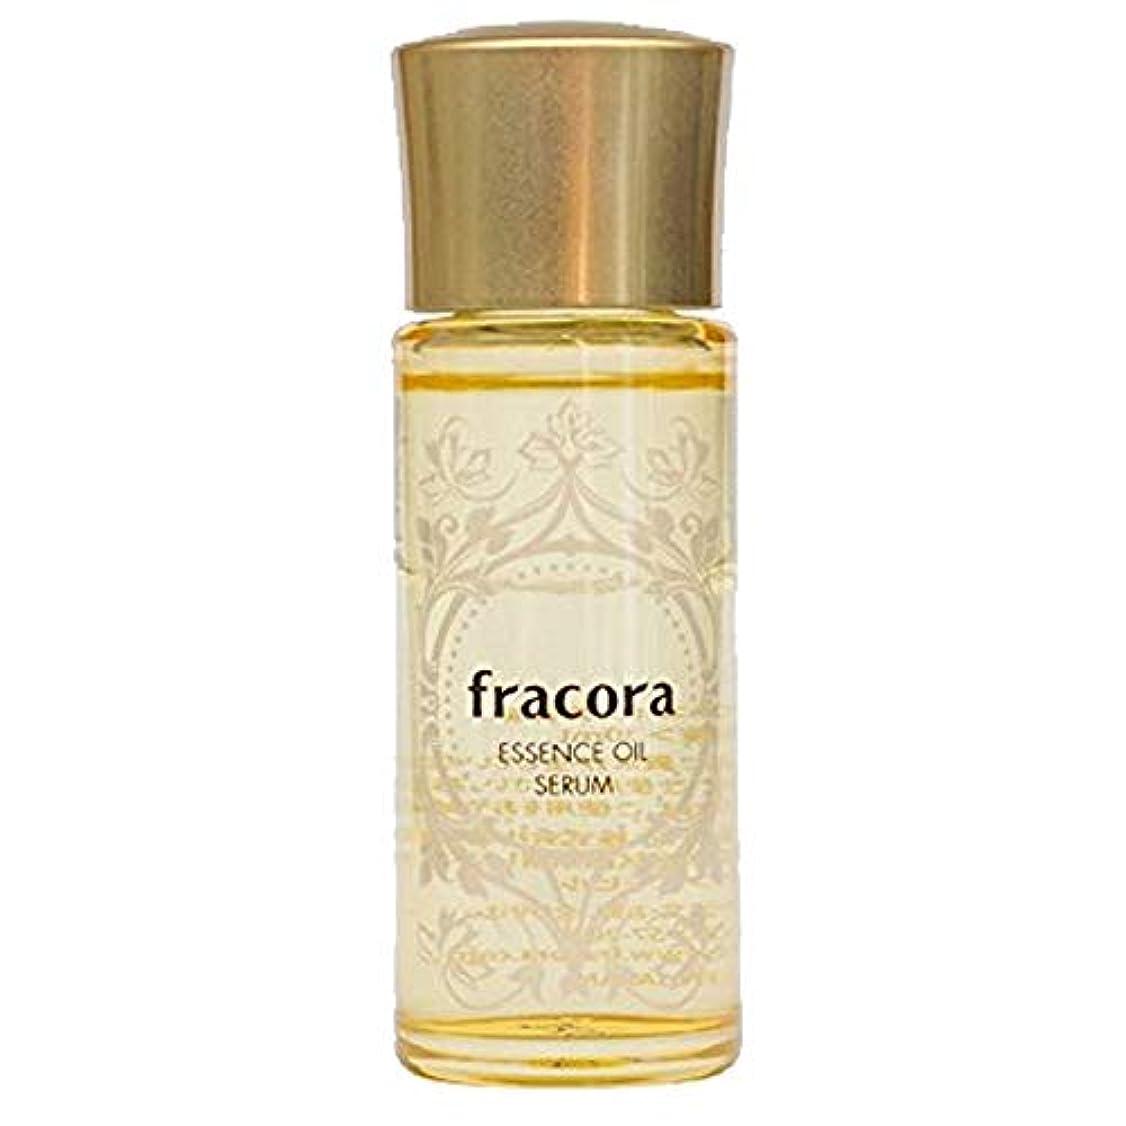 閲覧する欲求不満fracora(フラコラ) エッセンスオイル美容液 30mL